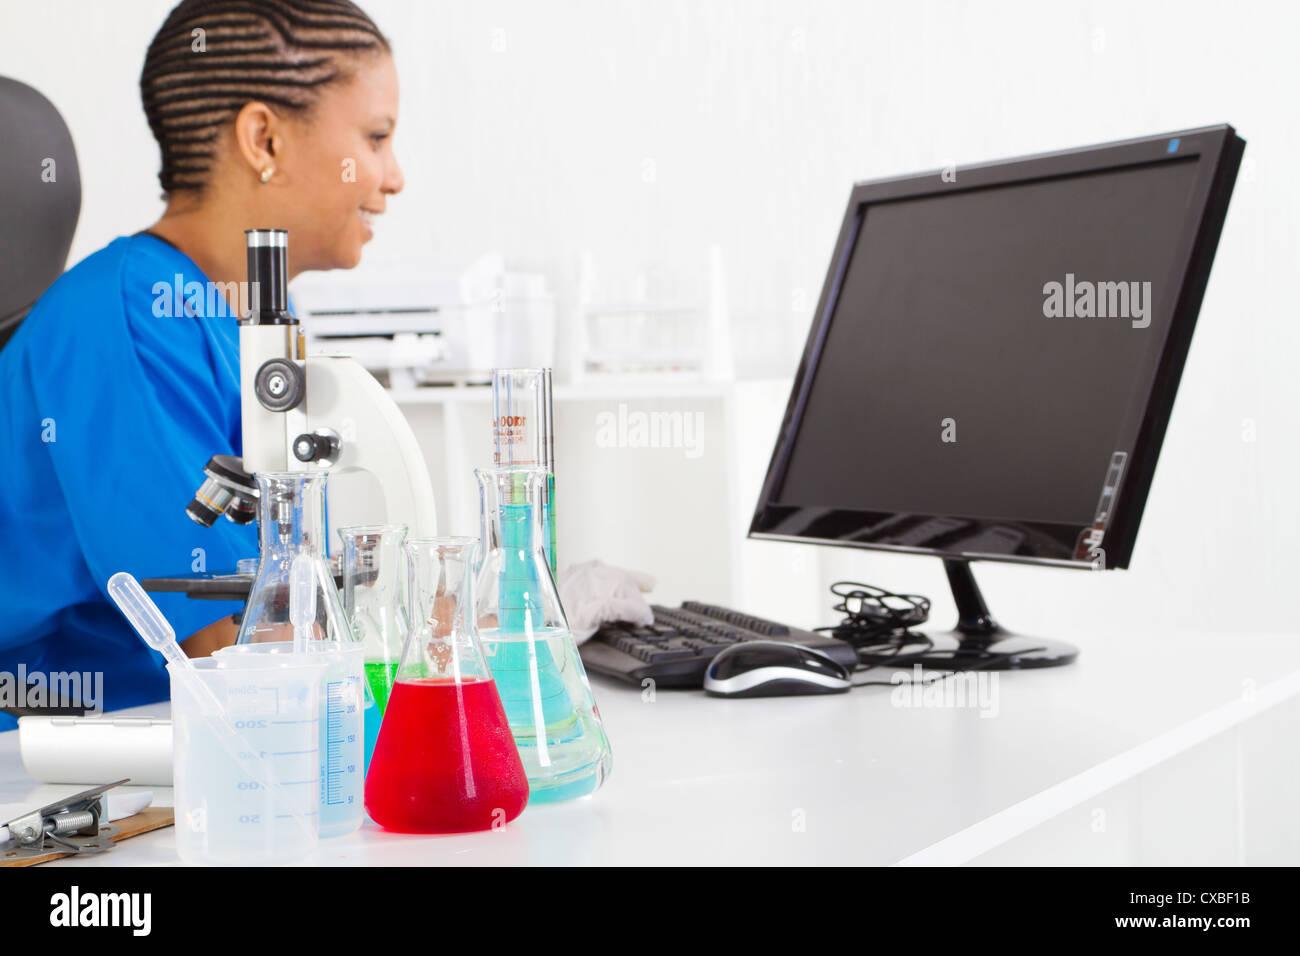 afrikanische amerikanische Wissenschaftlerin im Labor, Fokus auf Flüssigkeit vorne Stockfoto